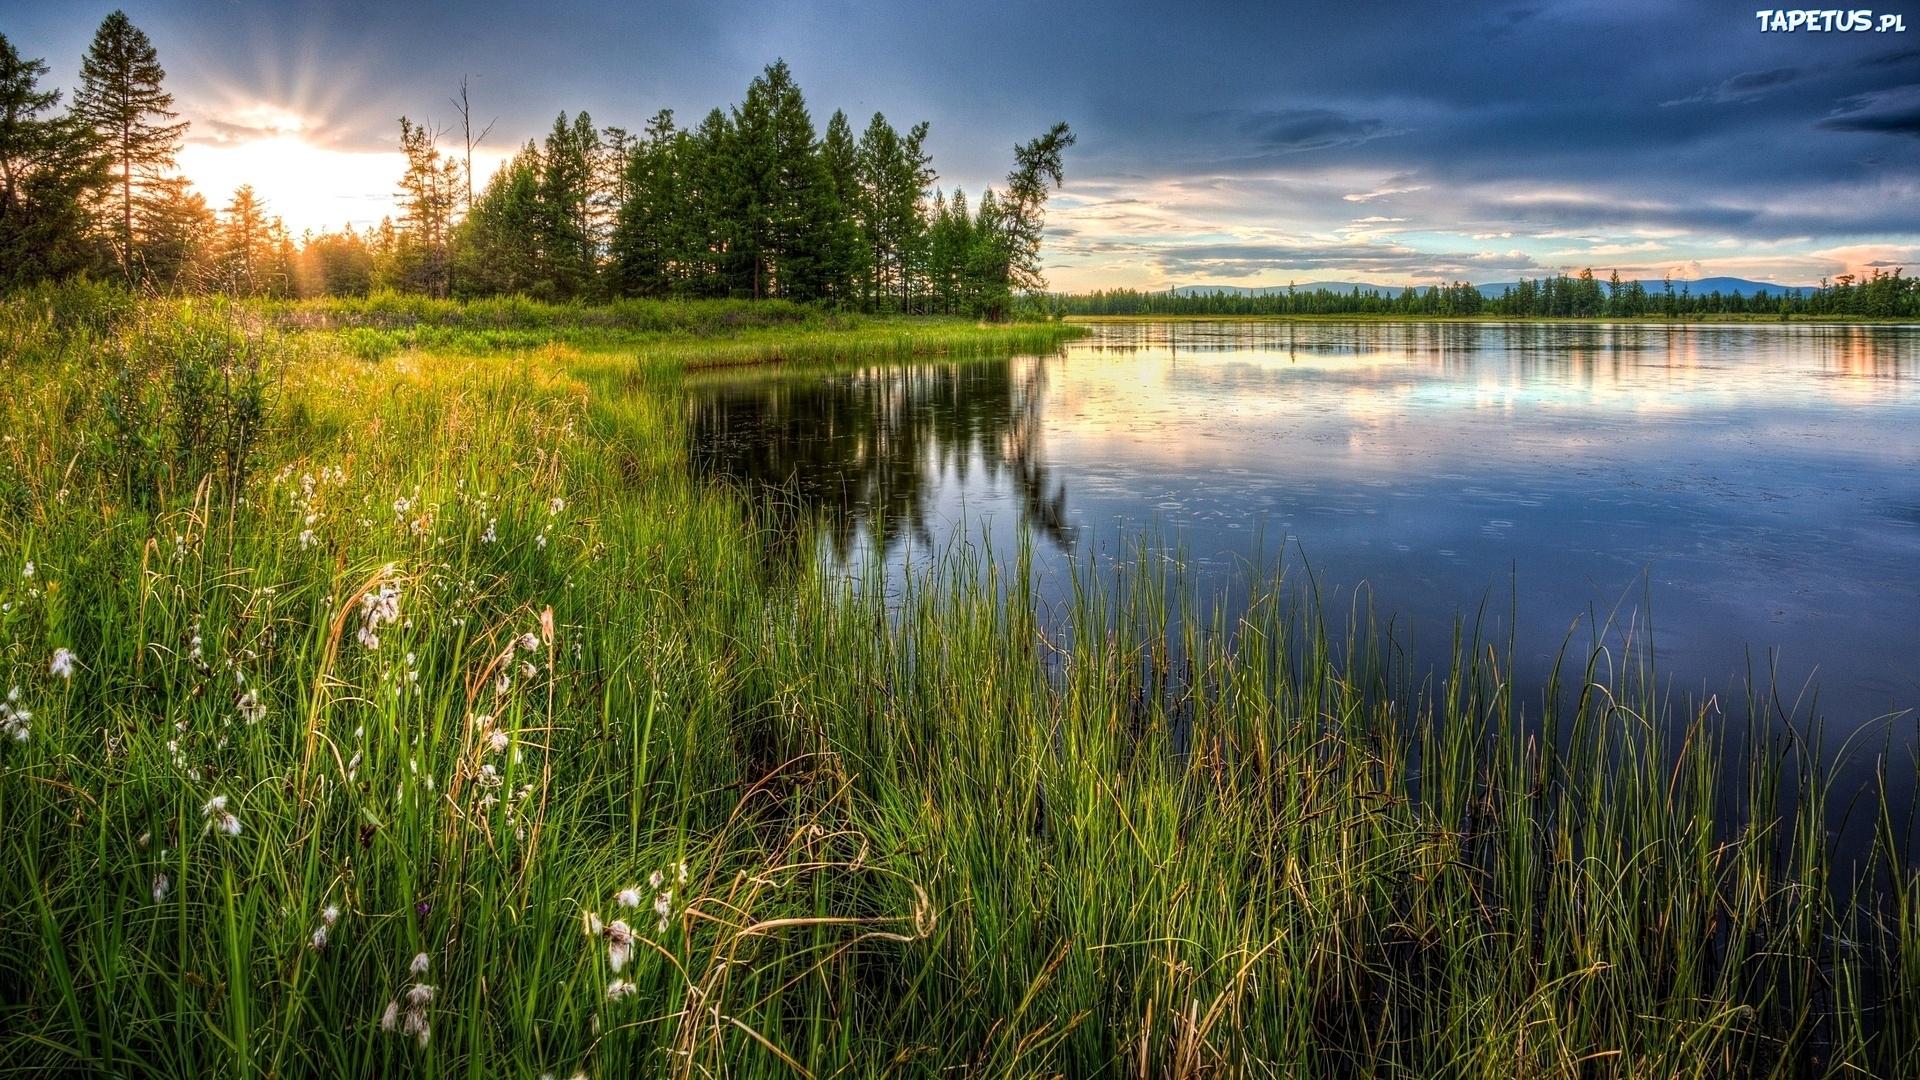 озеро лето трава без регистрации